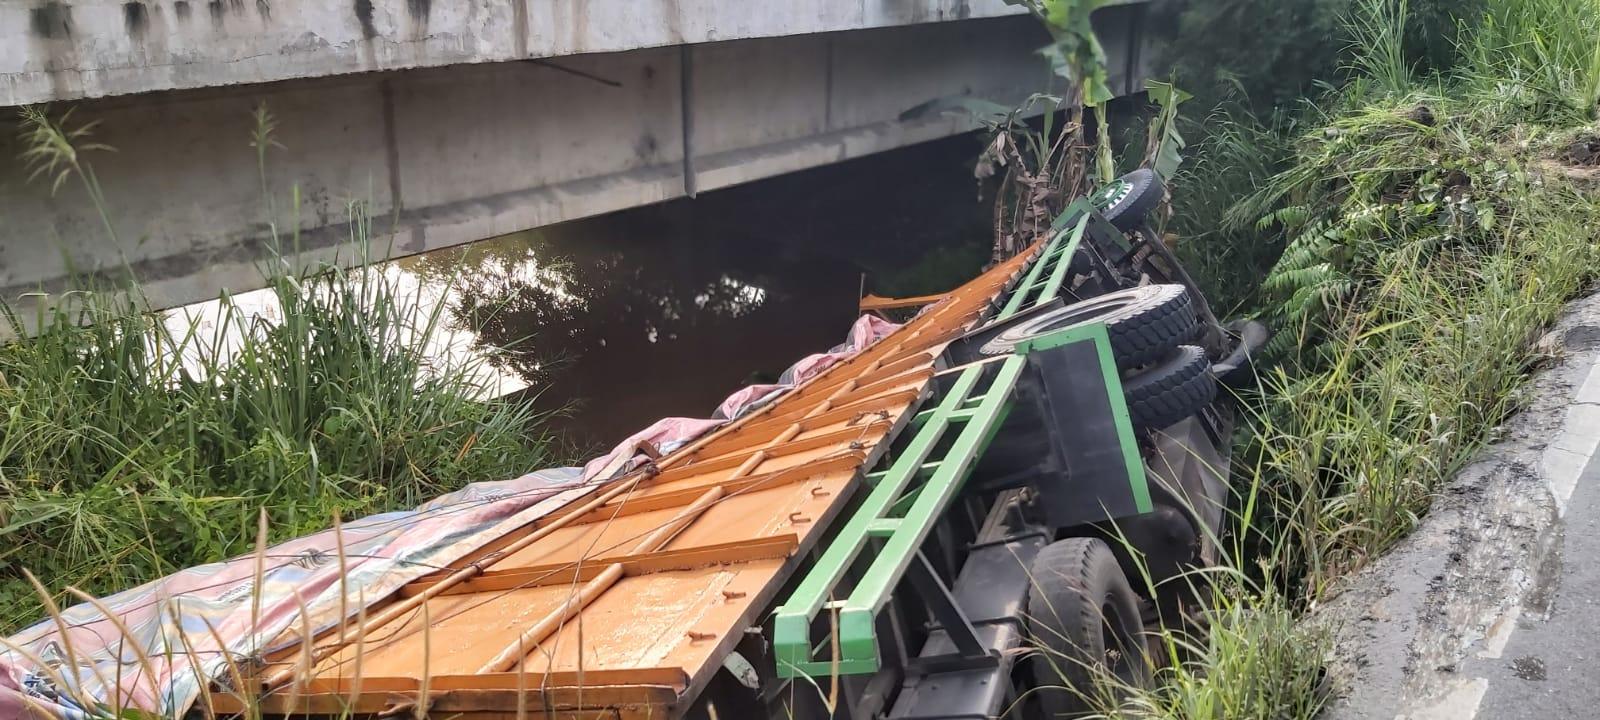 Kecelakaan Tunggal, Satu Unit Mobil Fuso Bermuatan Penuh Jatuh Ke Sungai Balai Raja